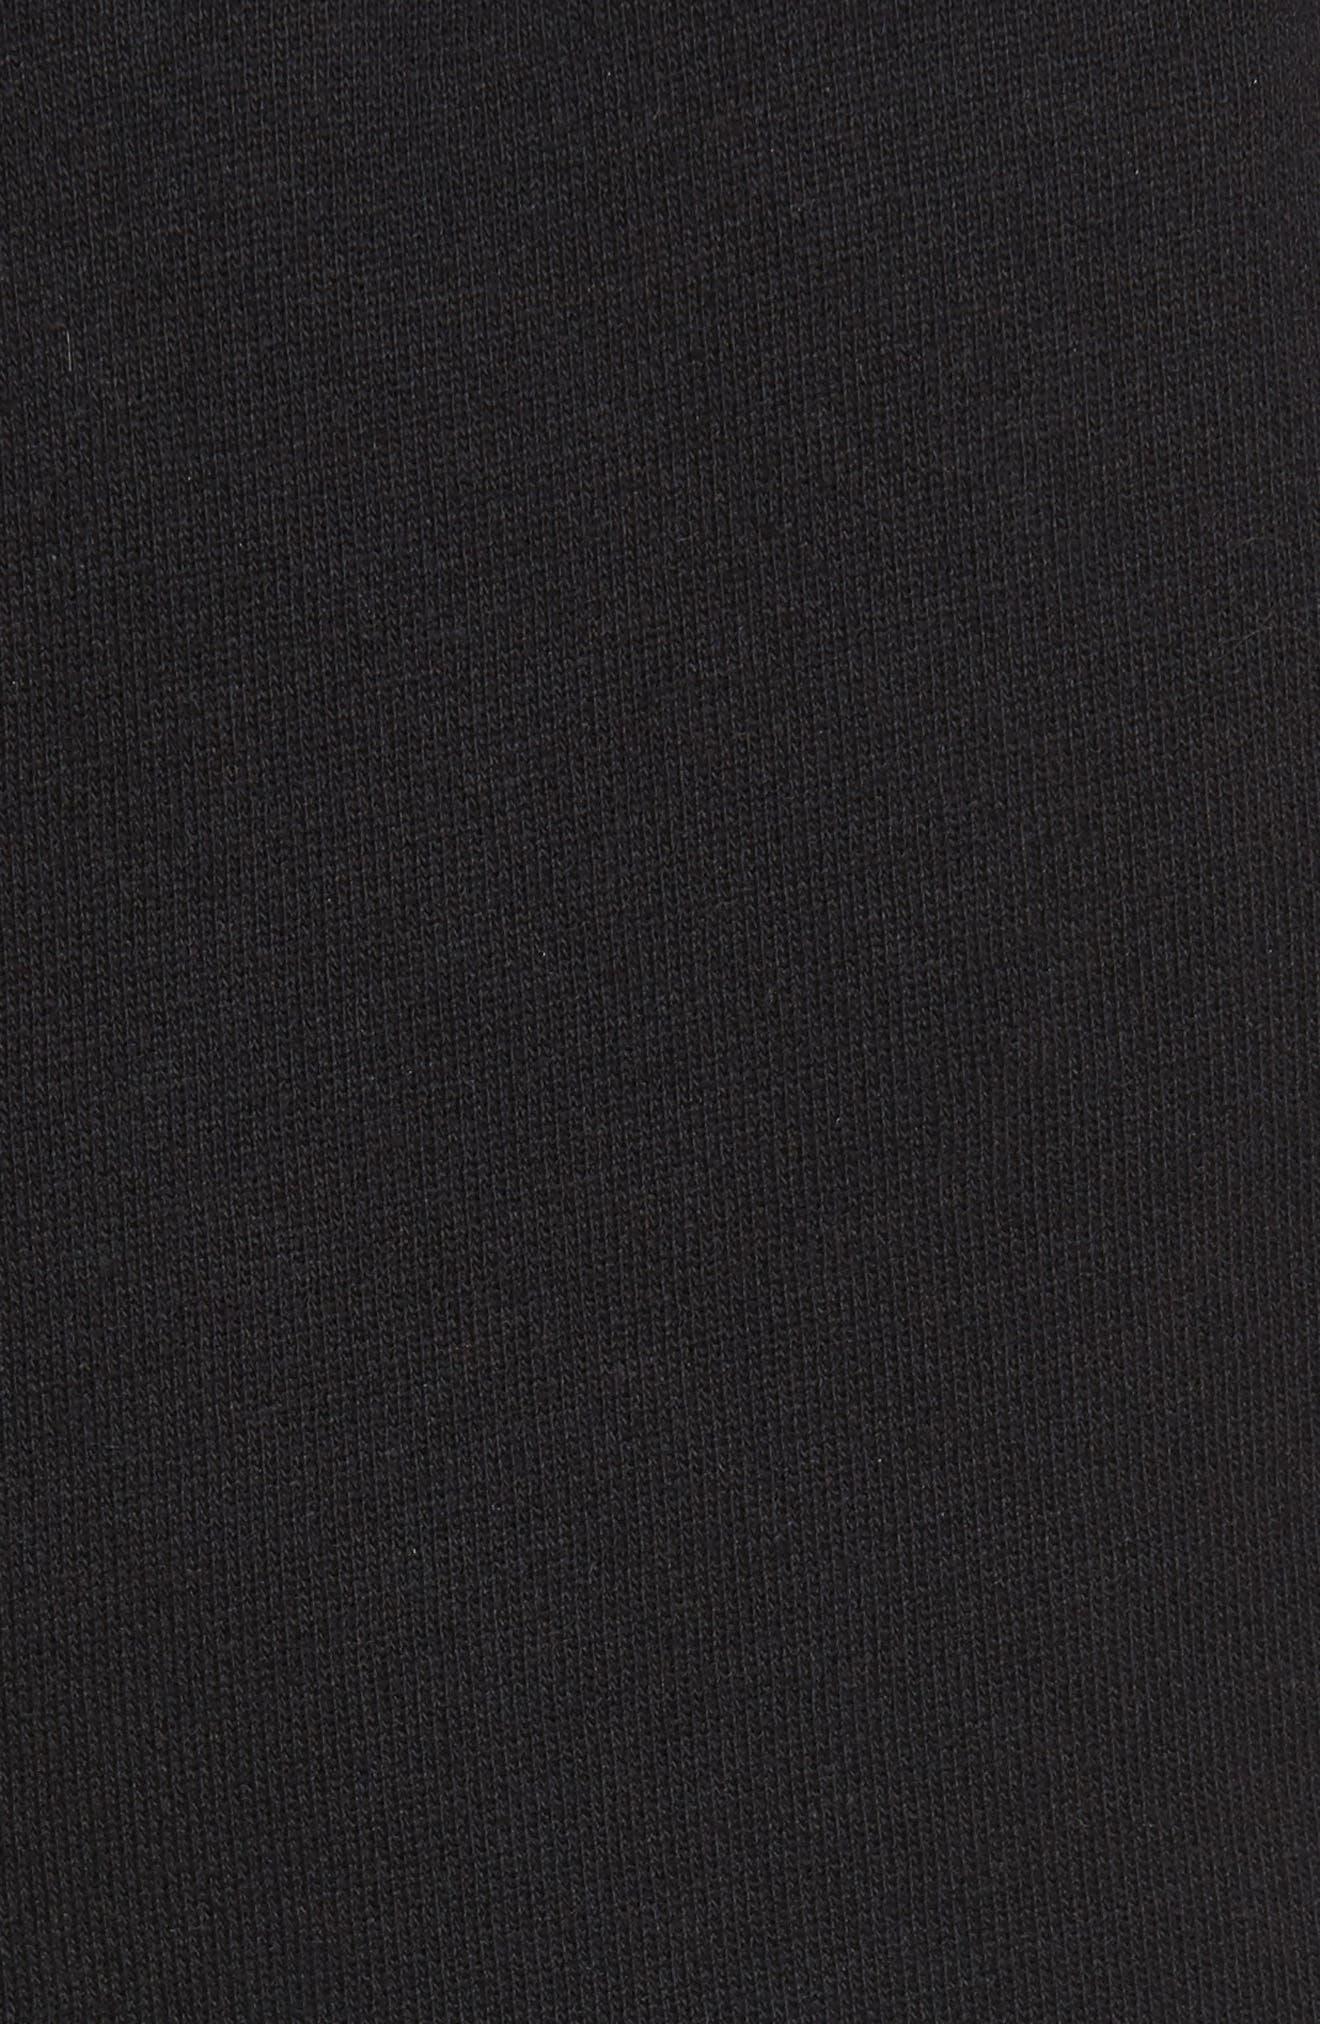 Tech Fleece Jogger Pants,                             Alternate thumbnail 5, color,                             010